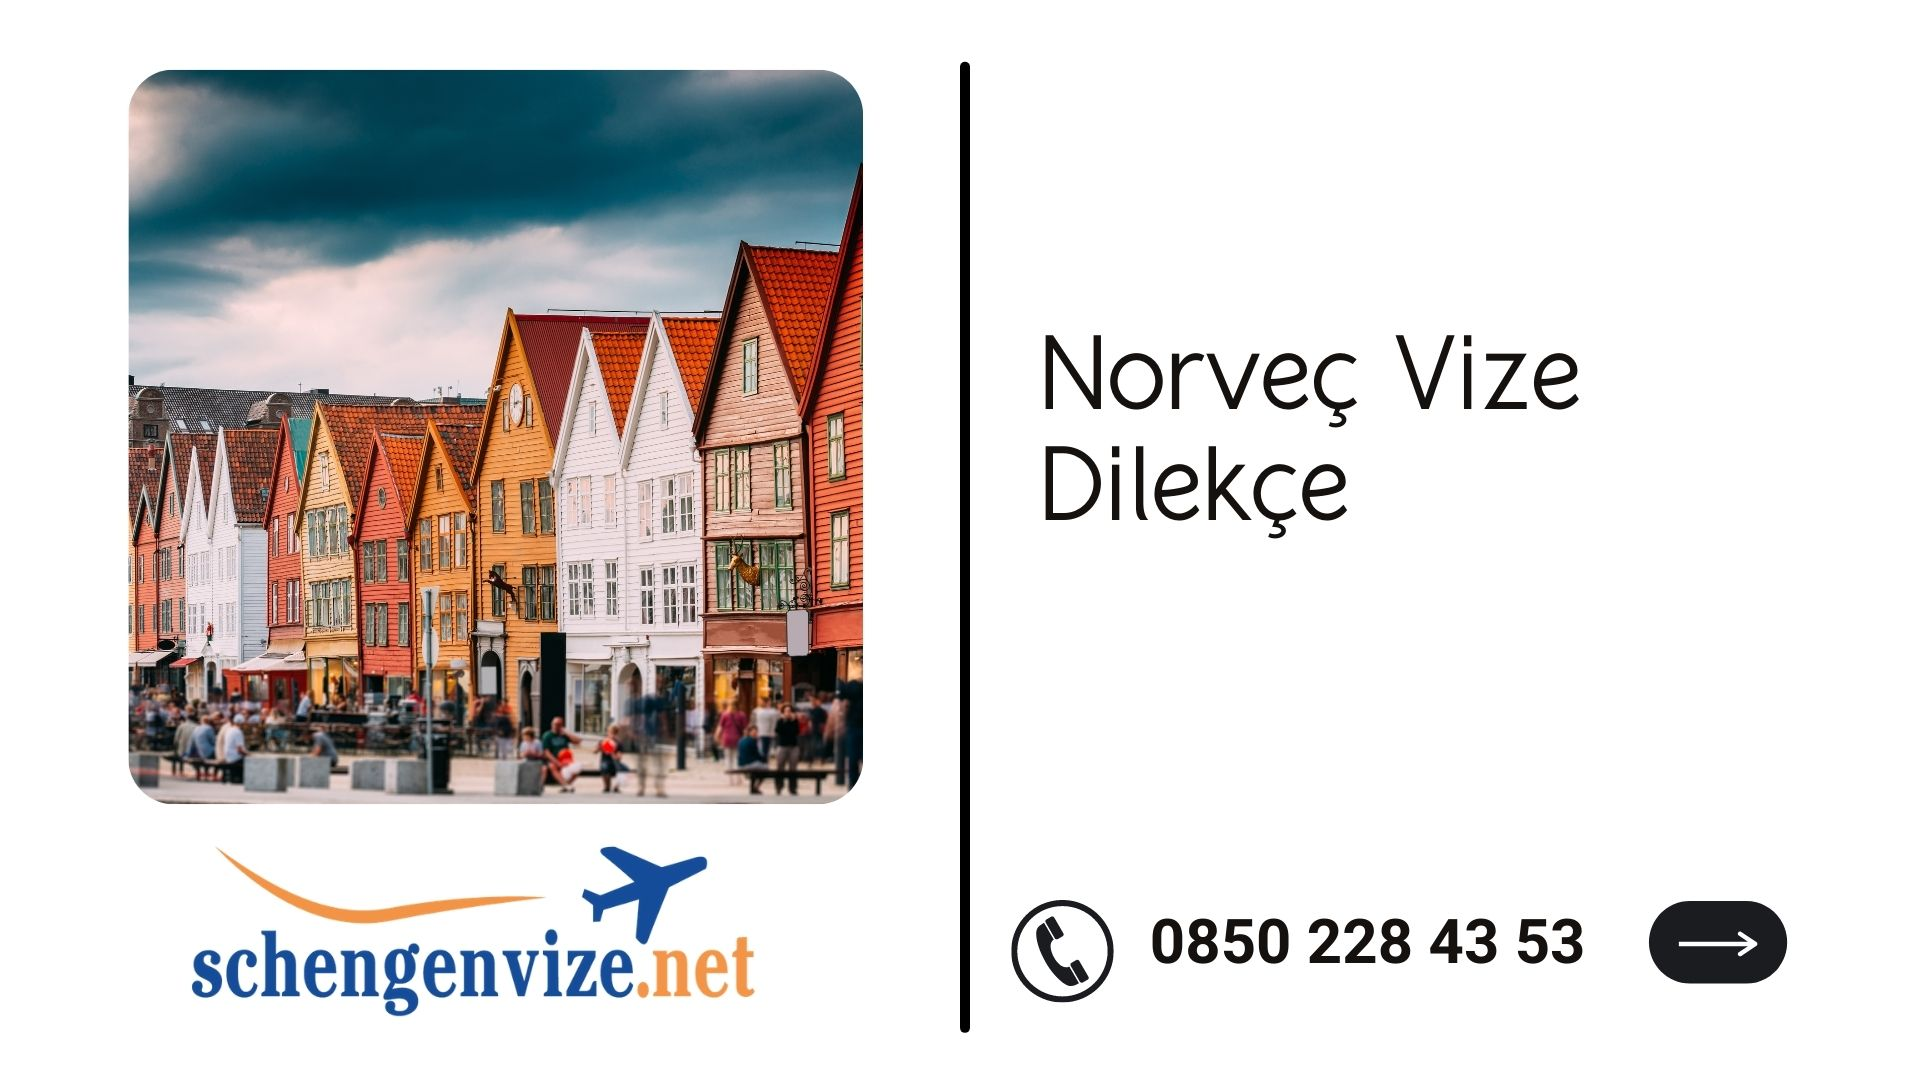 Norveç Vize Dilekçe